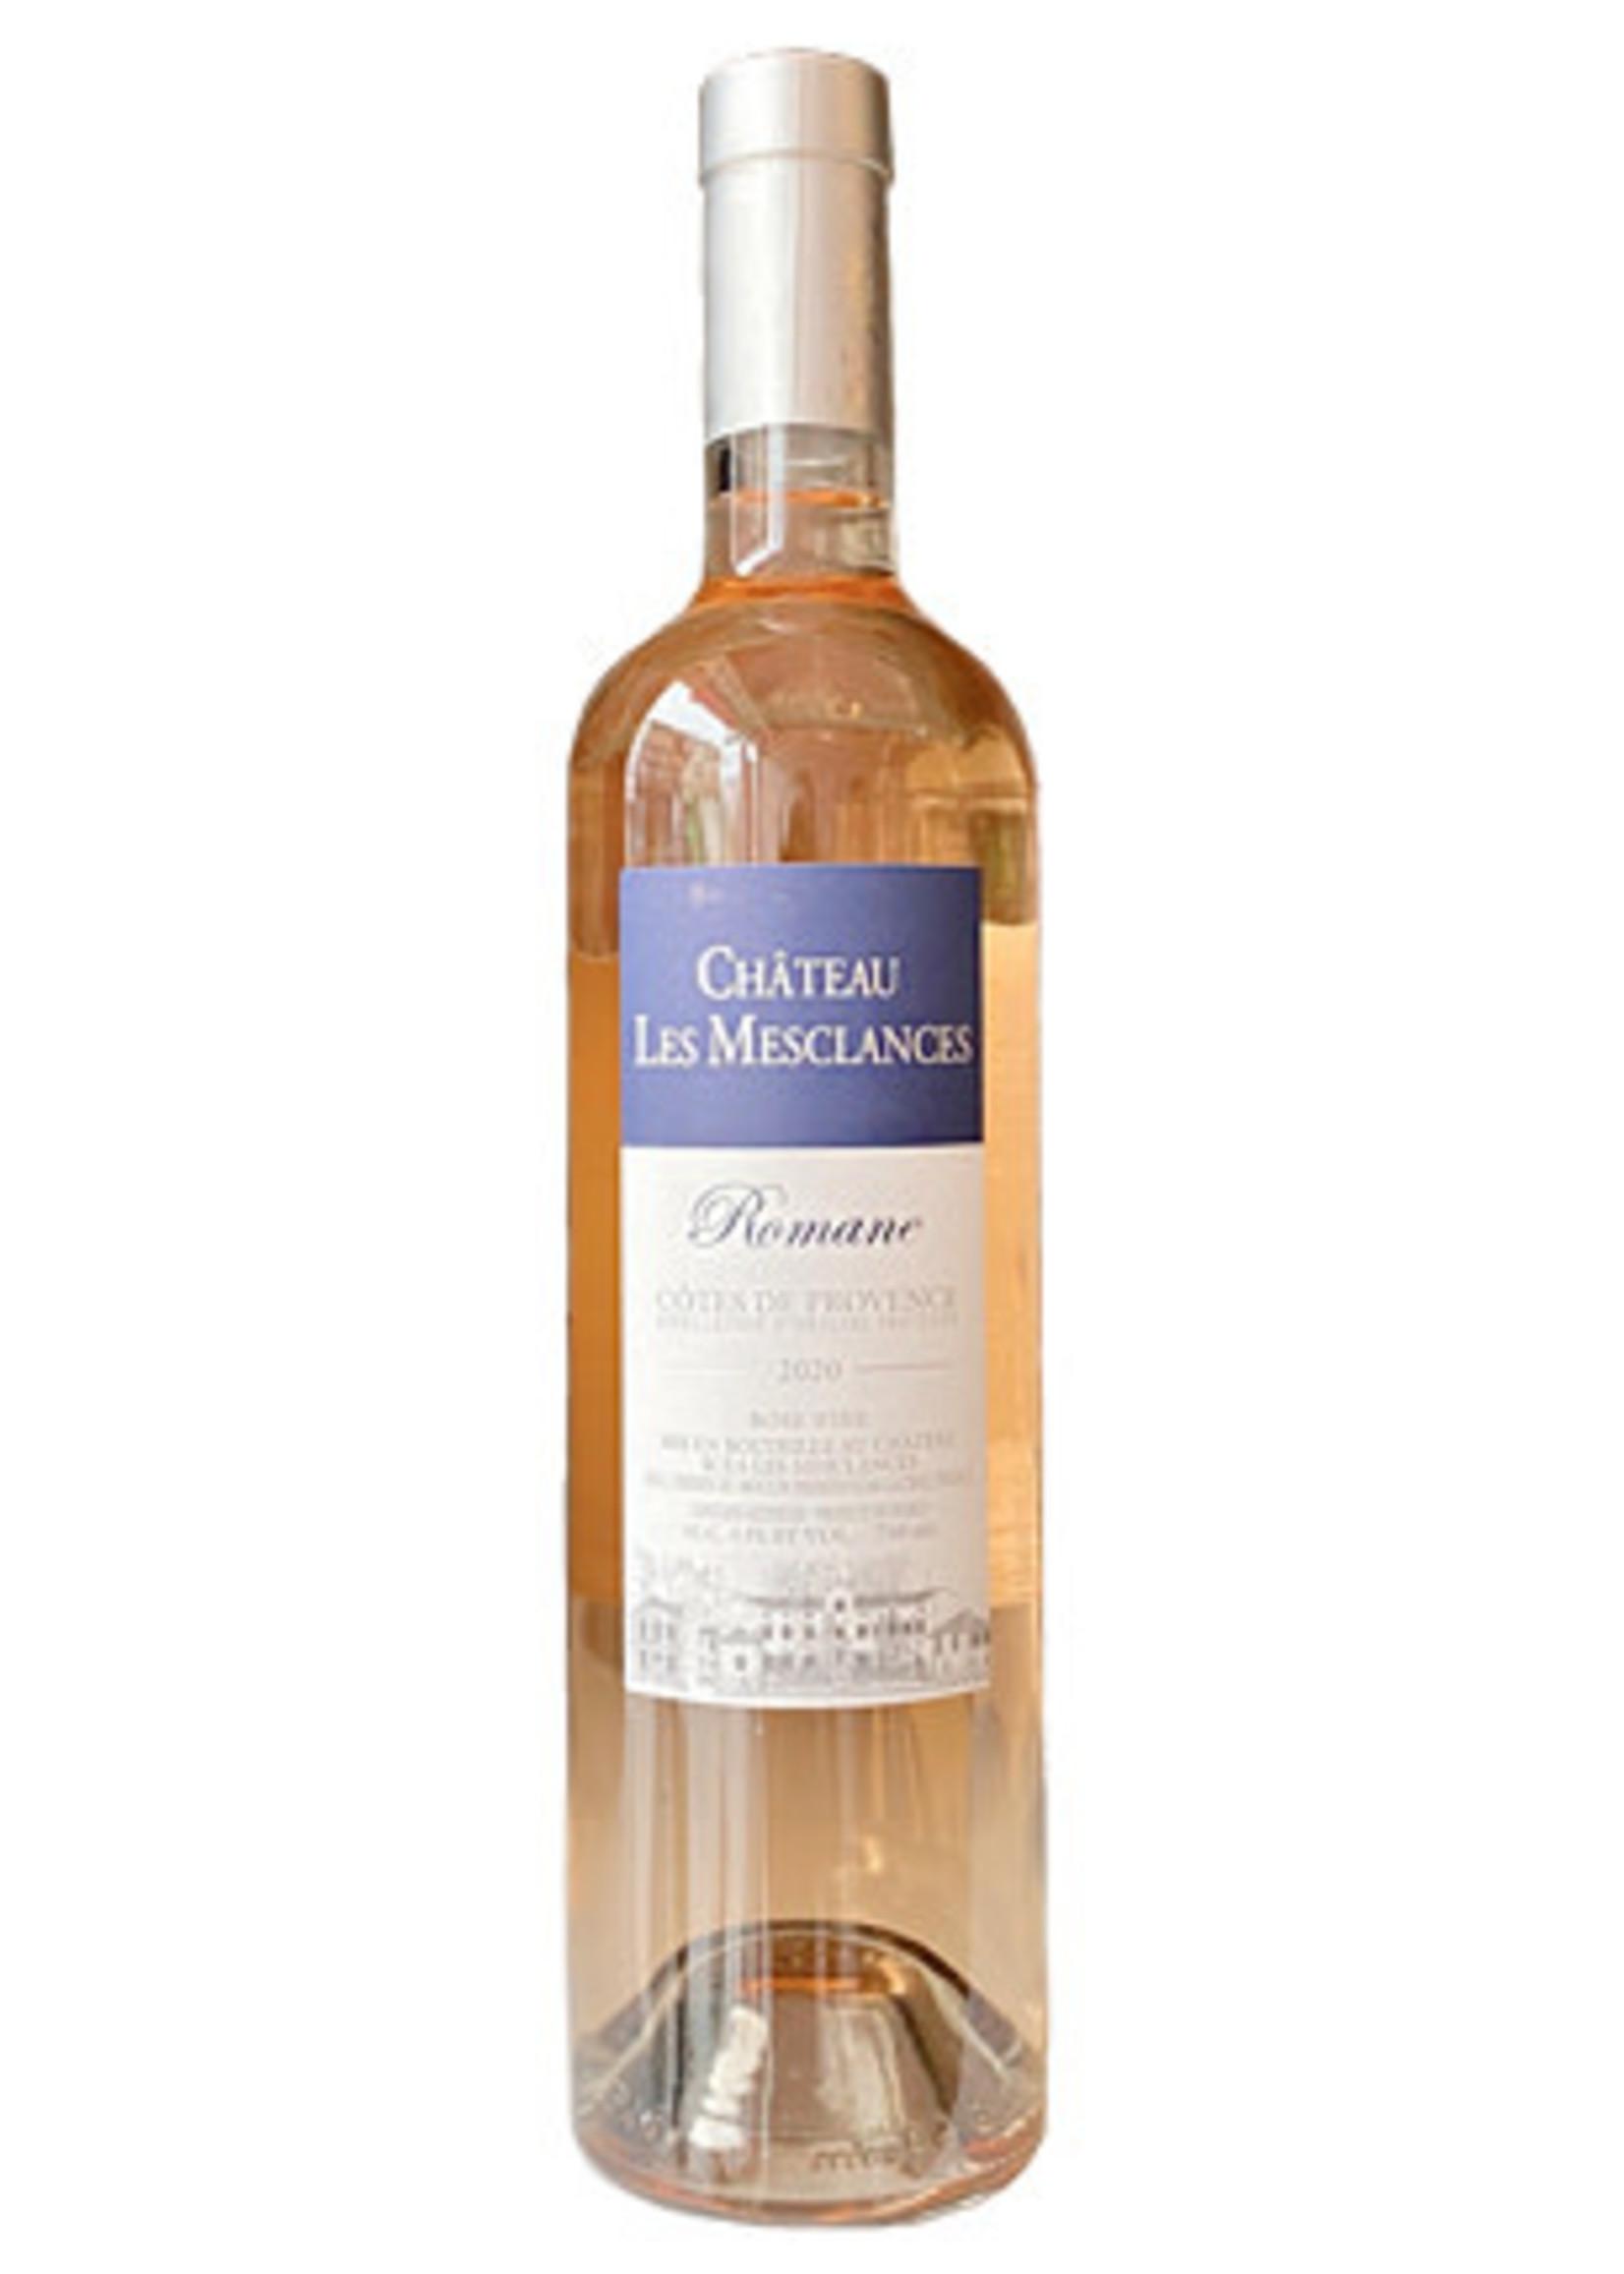 Château Les Mesclances Château Les Mesclances / Côtes De Provence Romane Rosé Wine 2020 / 750mL